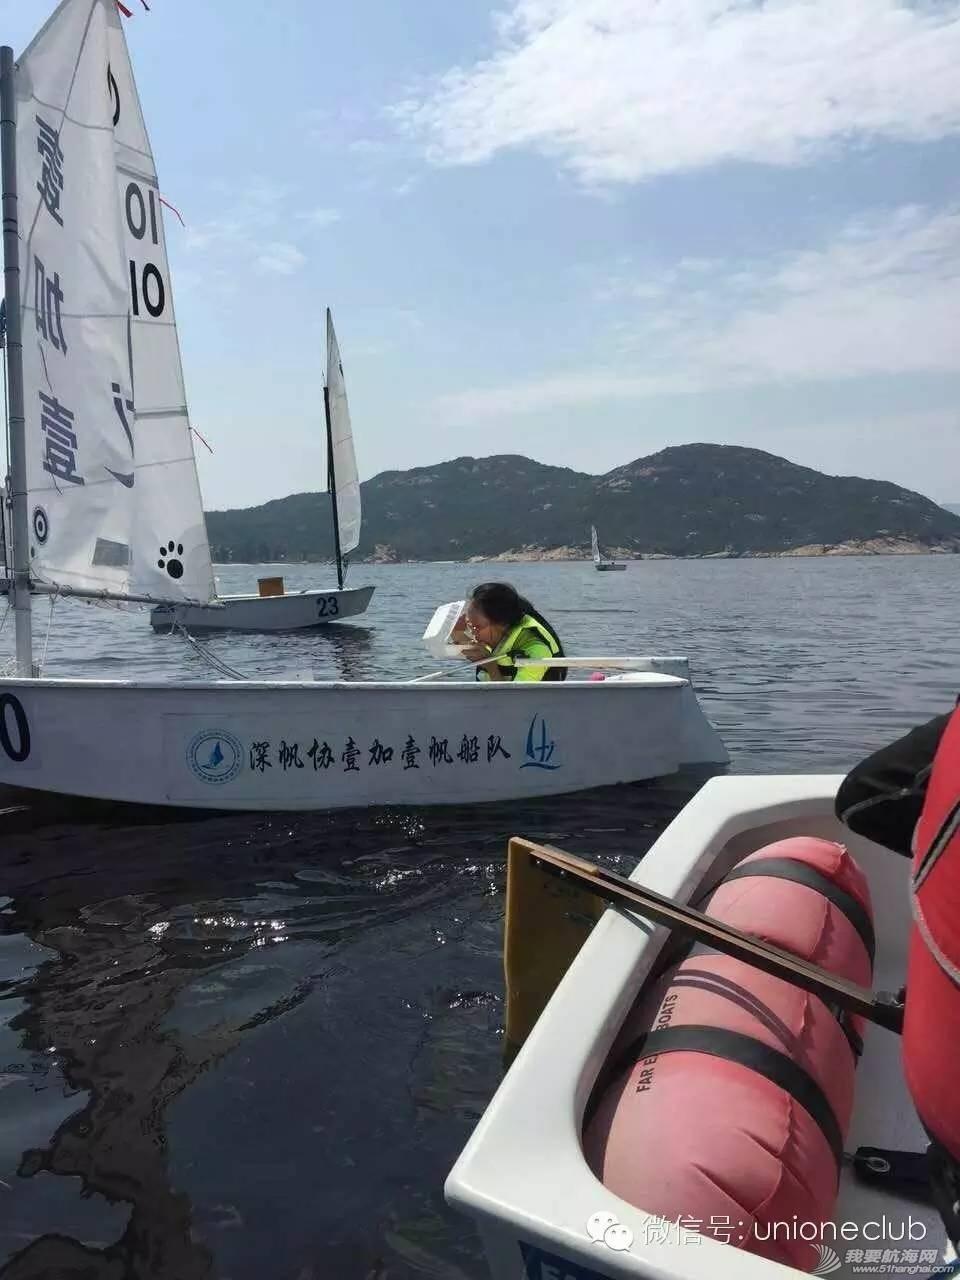 深圳市少年OP帆船积分赛首轮开赛啦! 7c8a6d12a92c19299638ece07506d97b.jpg